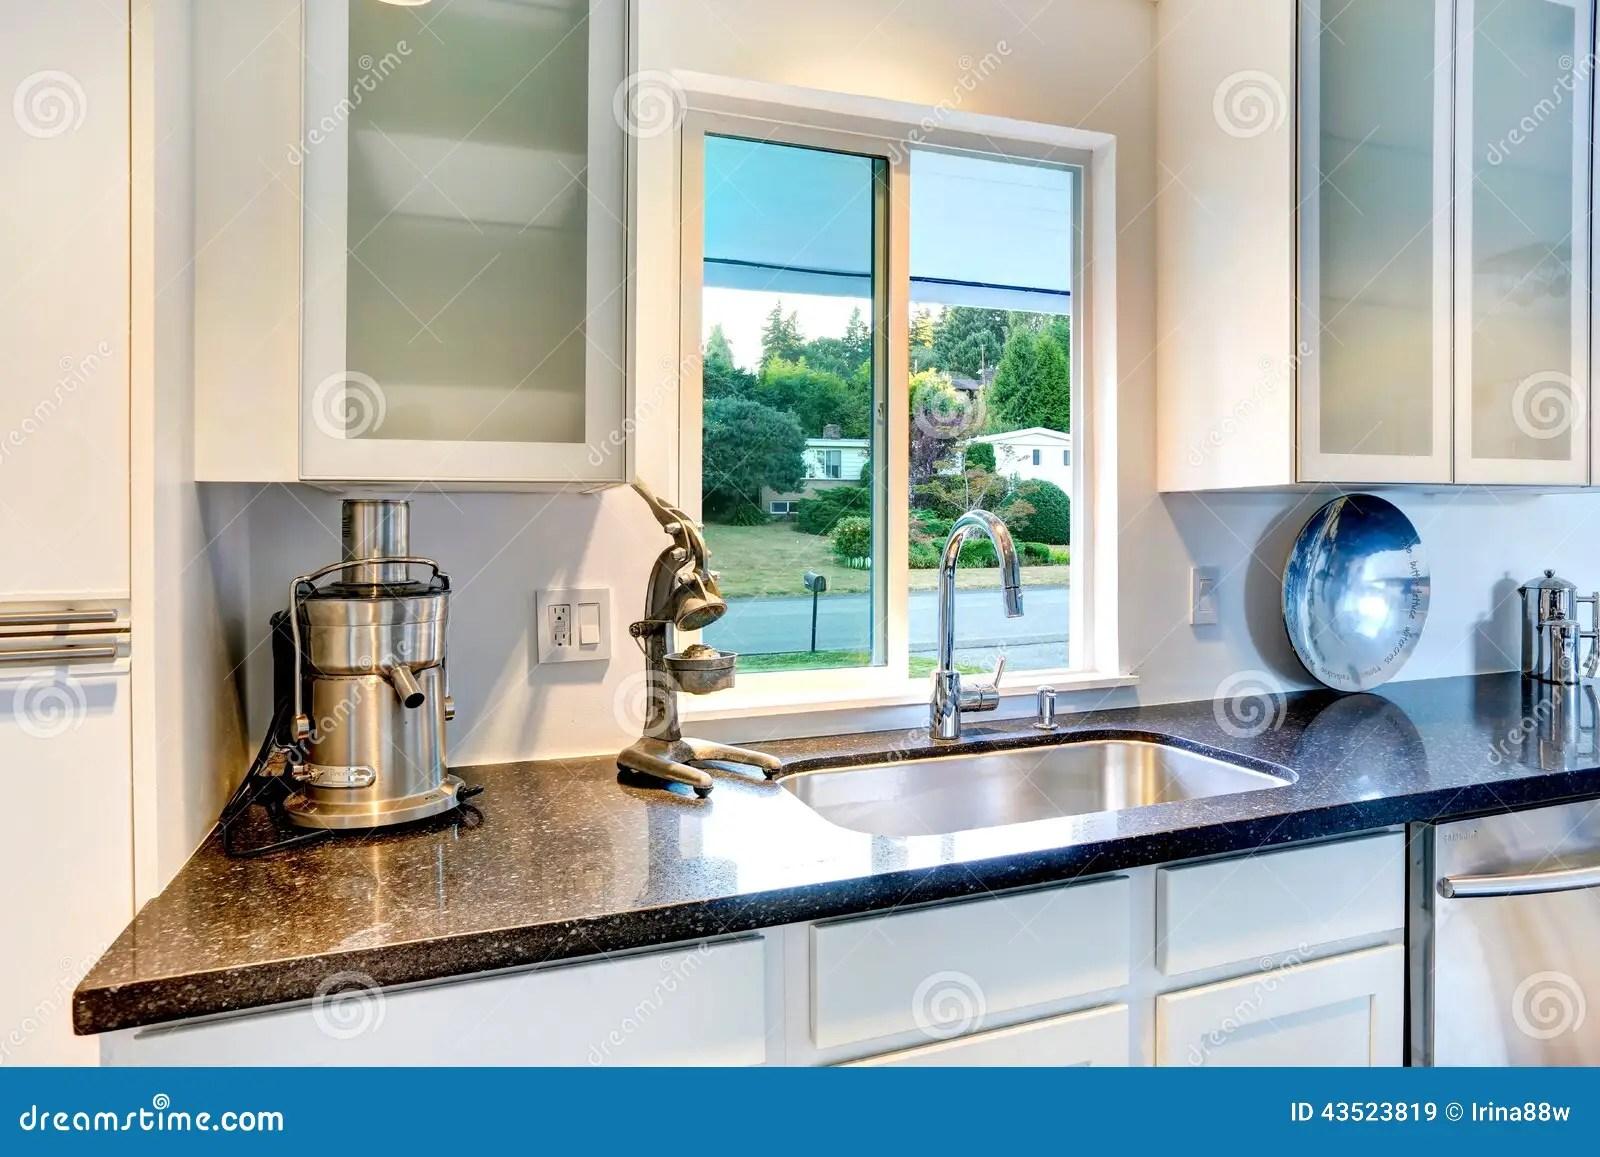 sink kitchen cabinets chair cushion 有花岗岩上面和水槽的厨柜库存图片 图片包括有任何地方 机柜 发光 有花岗岩上面ands的白色厨柜下沉有窗口的明亮的厨房室